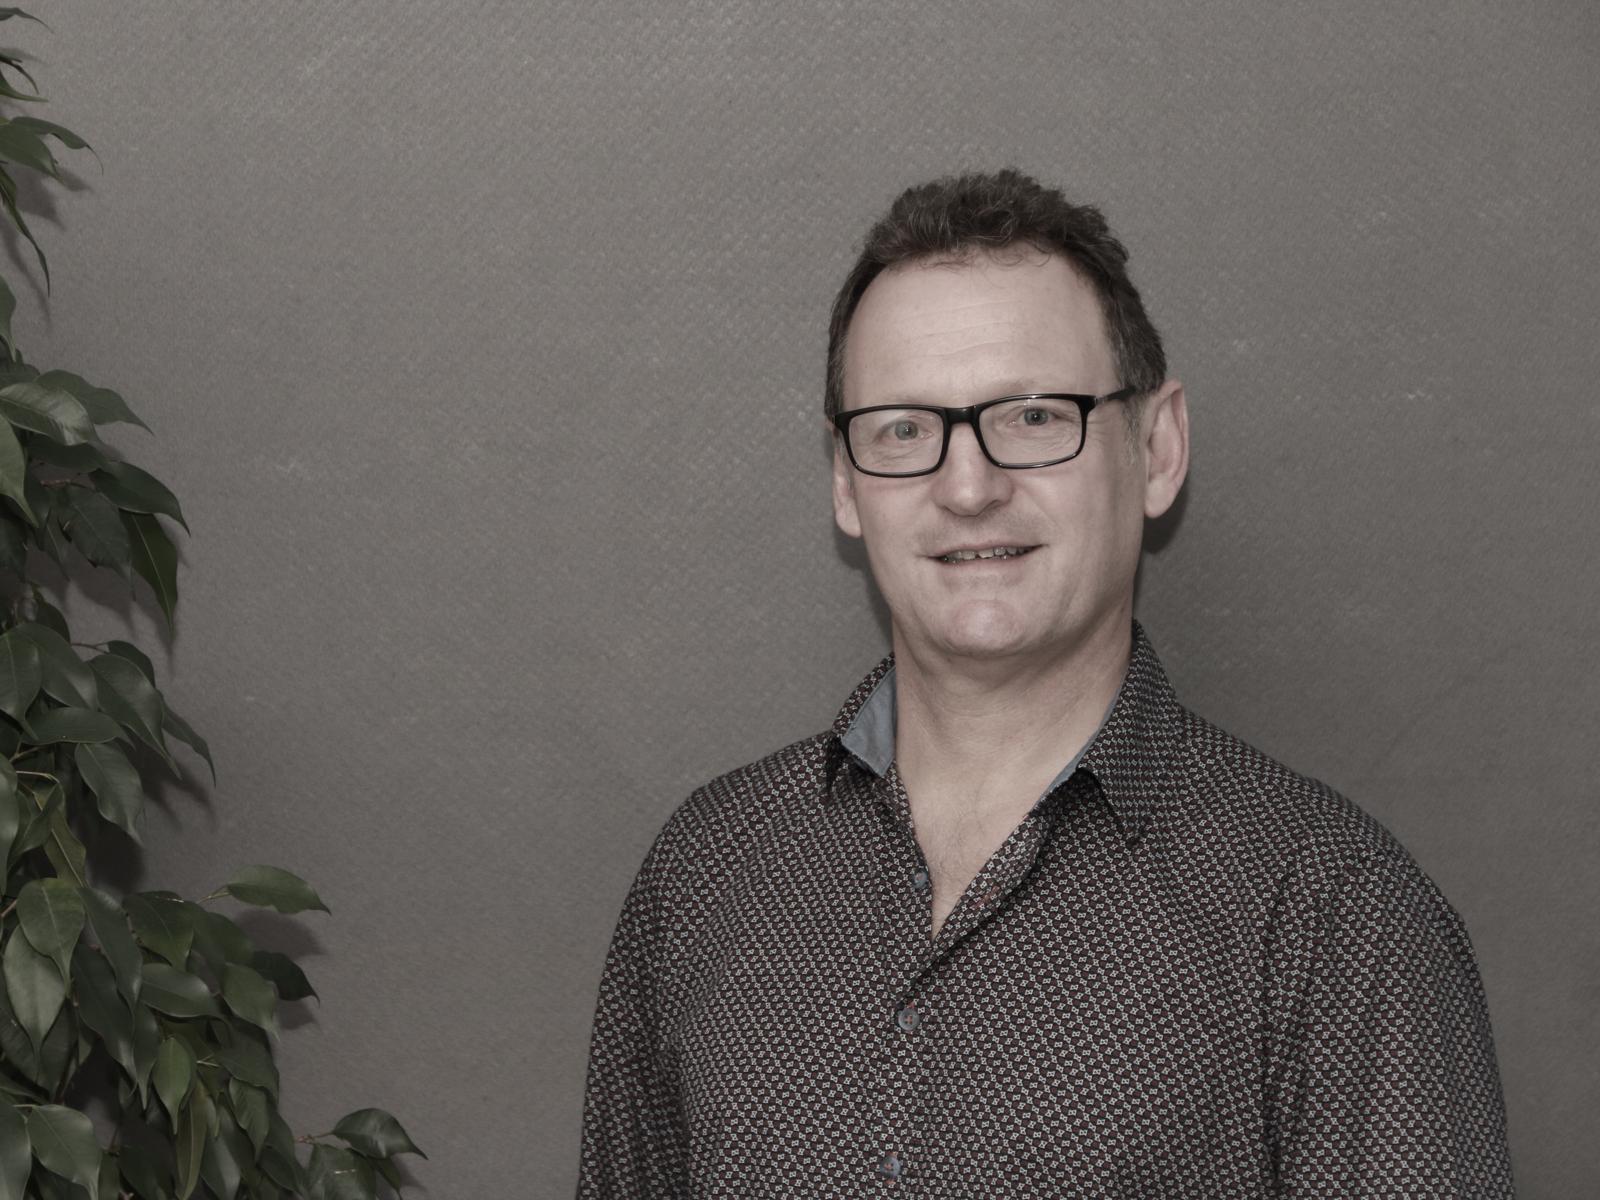 Porträt von Herr Pfeifer